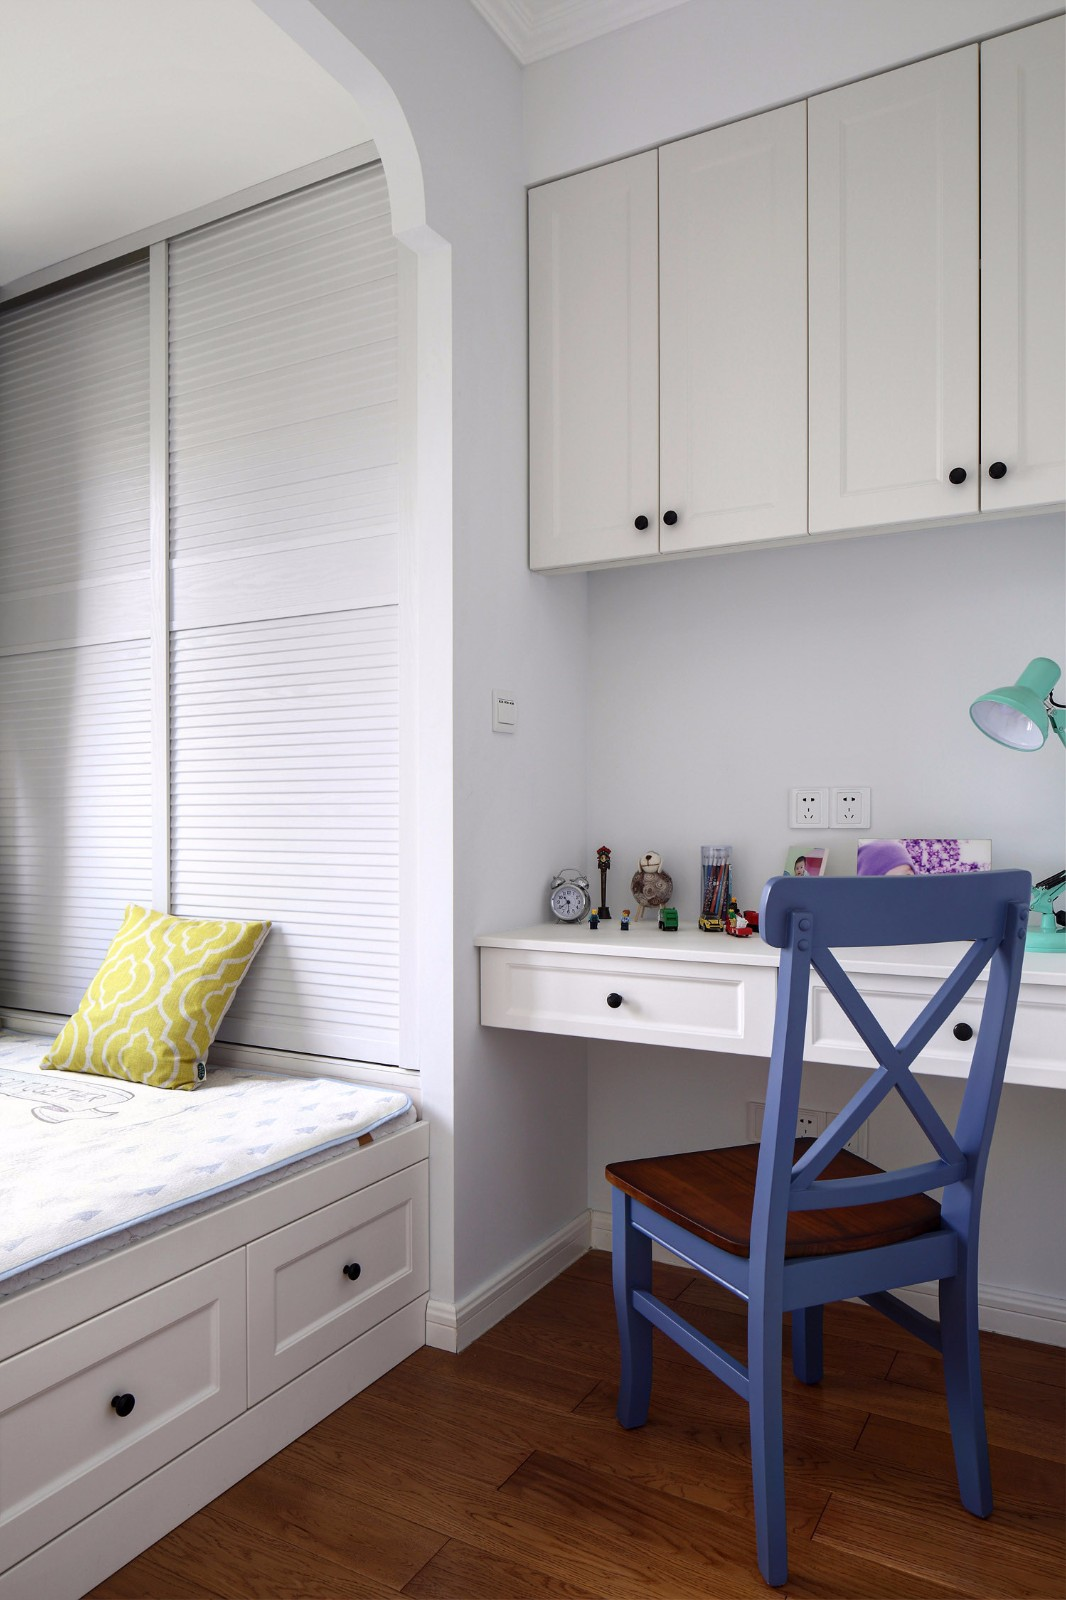 2020美式卧室装修设计图片 2020美式书桌装修图